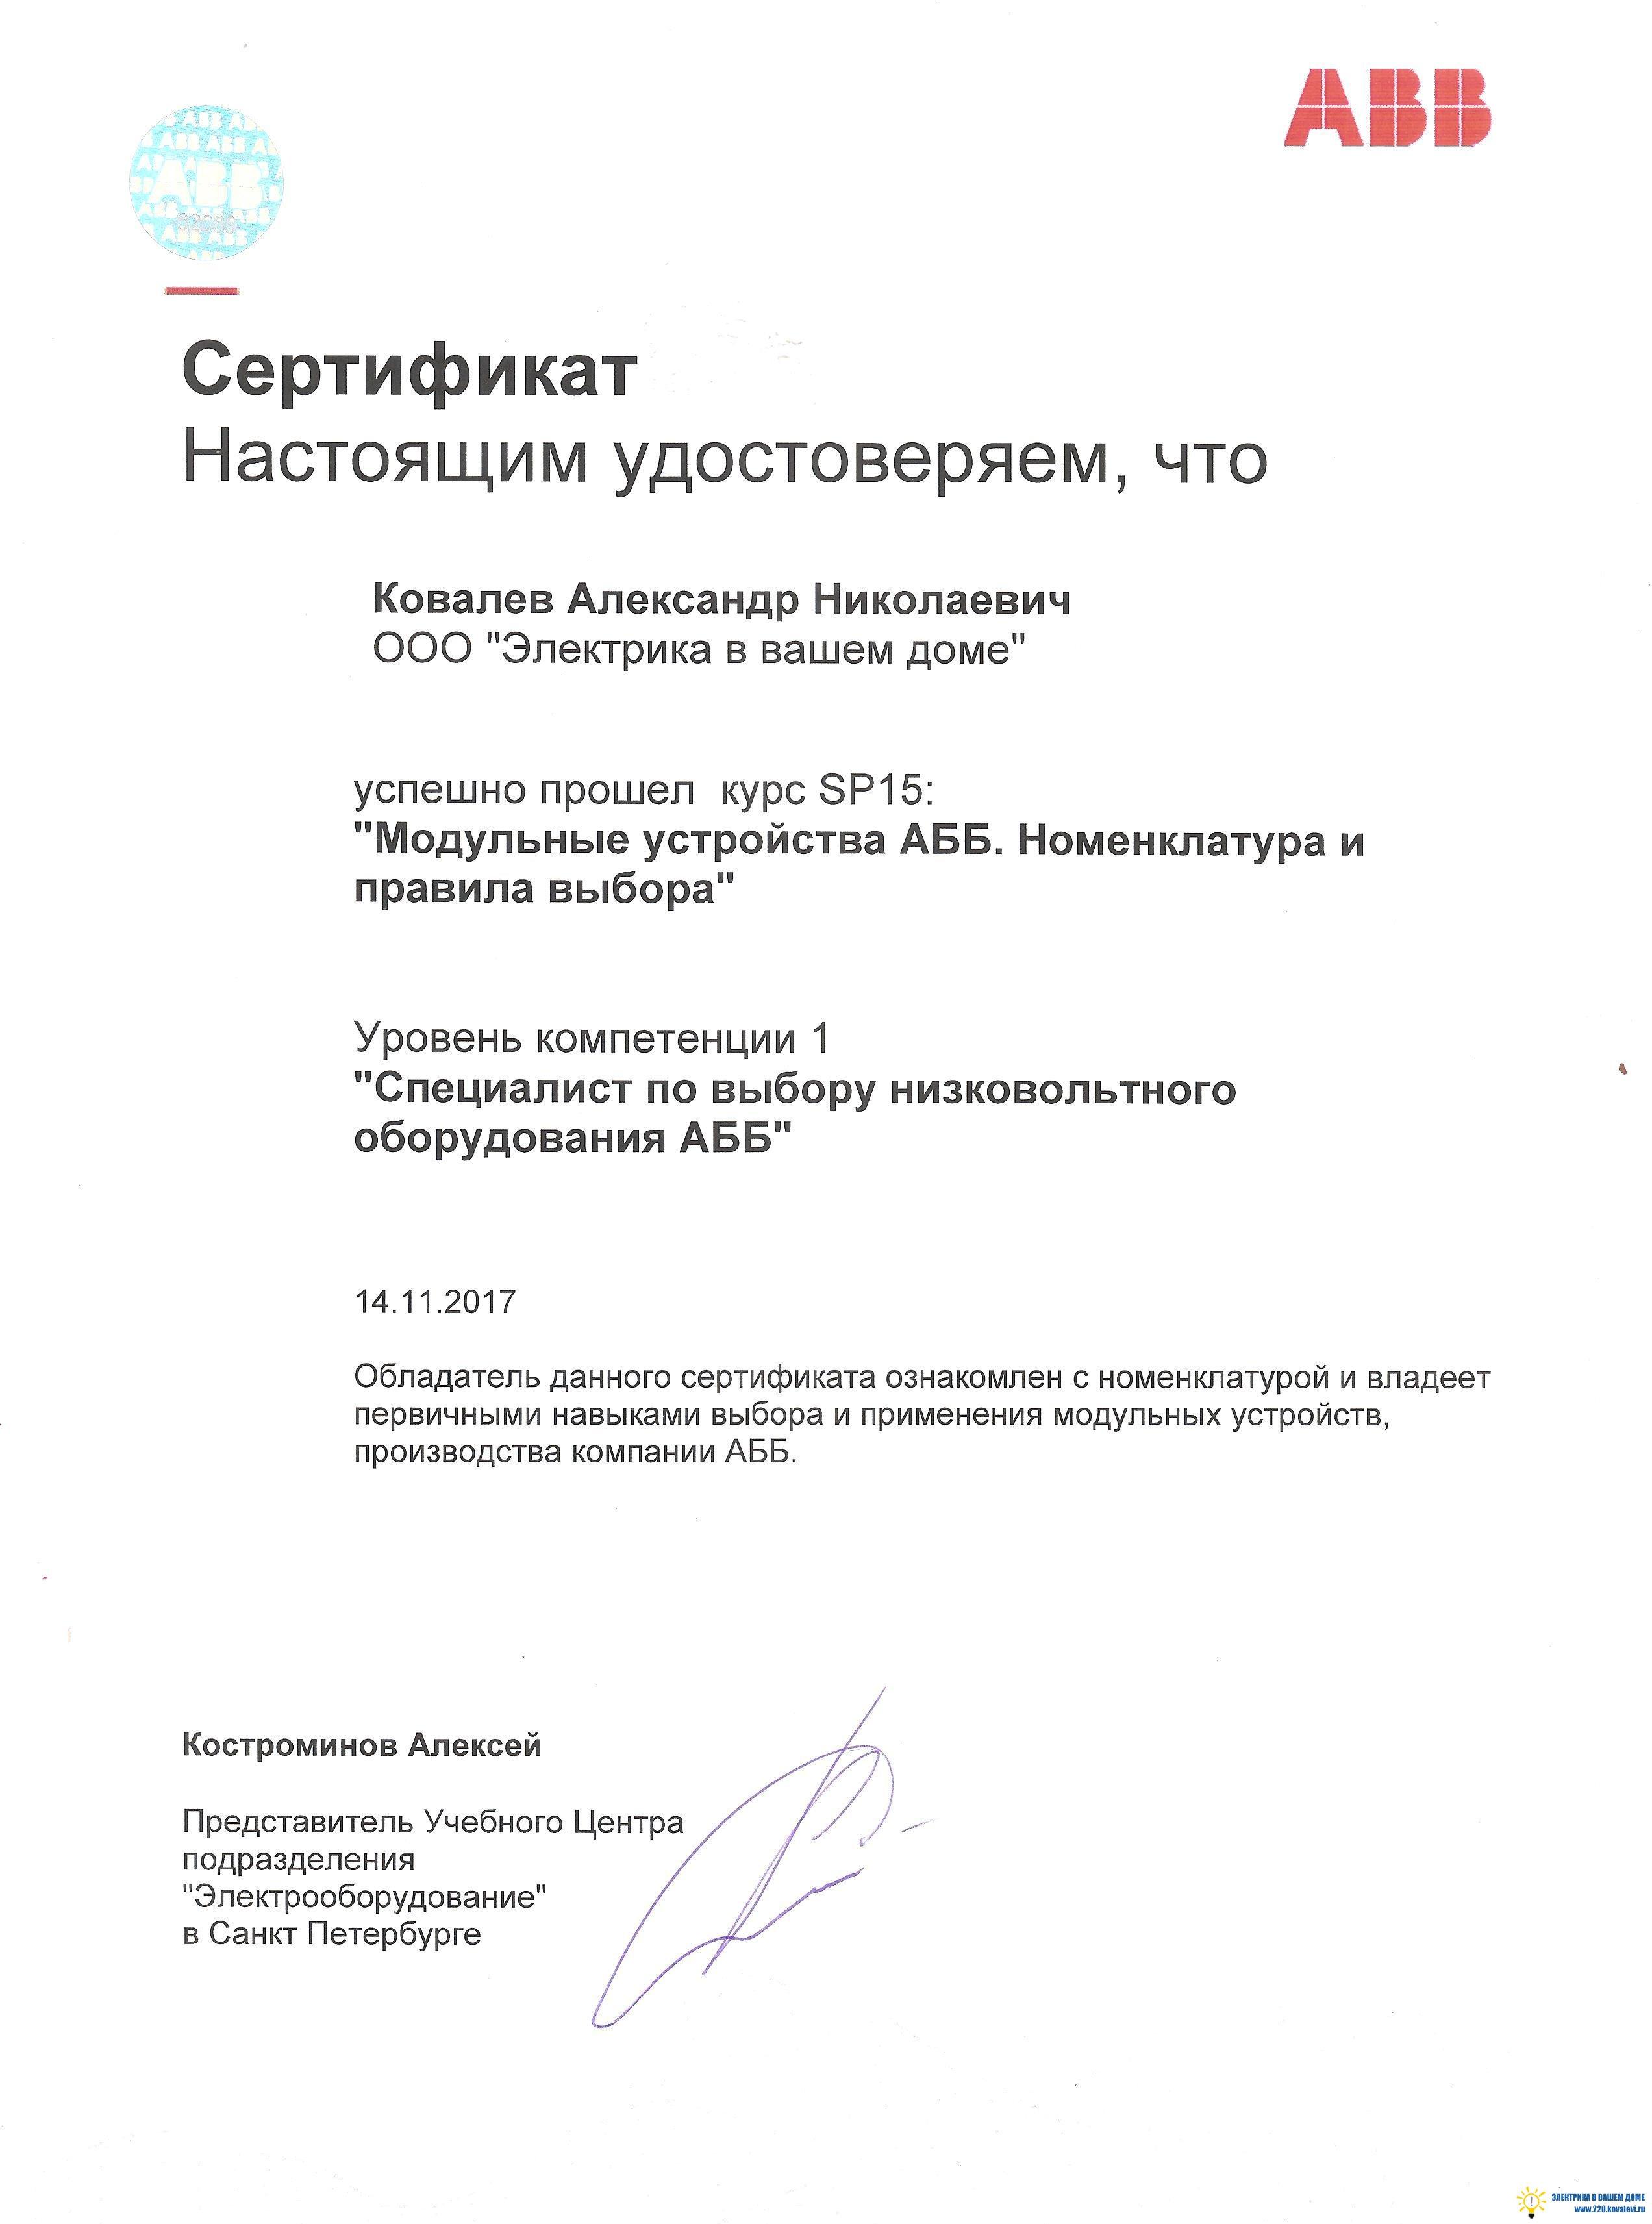 Сертификат ABB. Специалист по выбору низковольтного оборудования